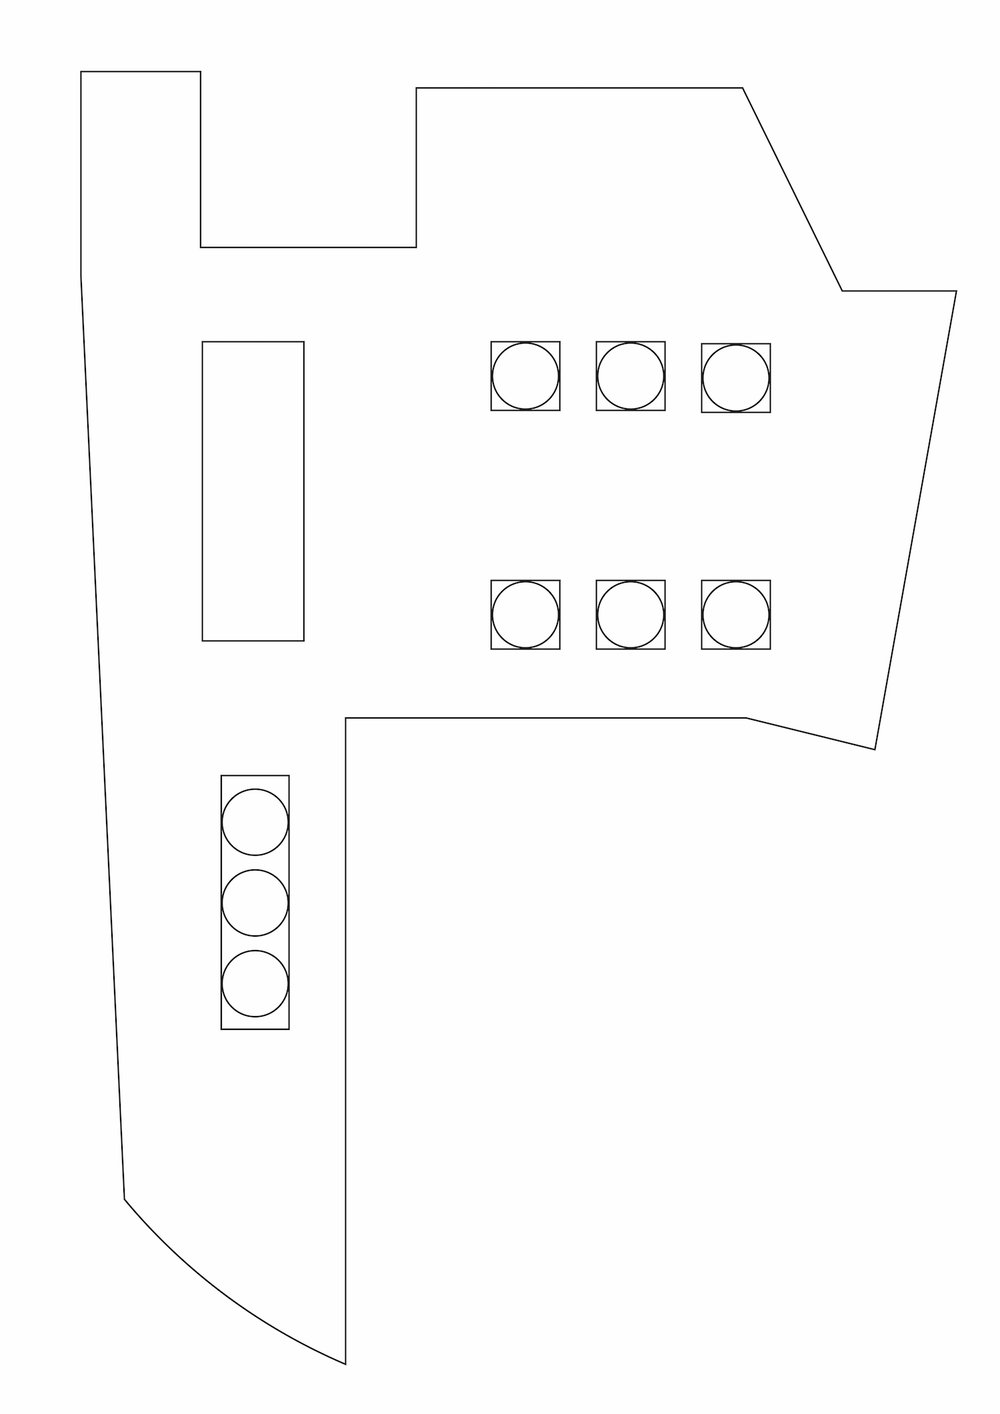 6_Zeichenfläche 1.jpg